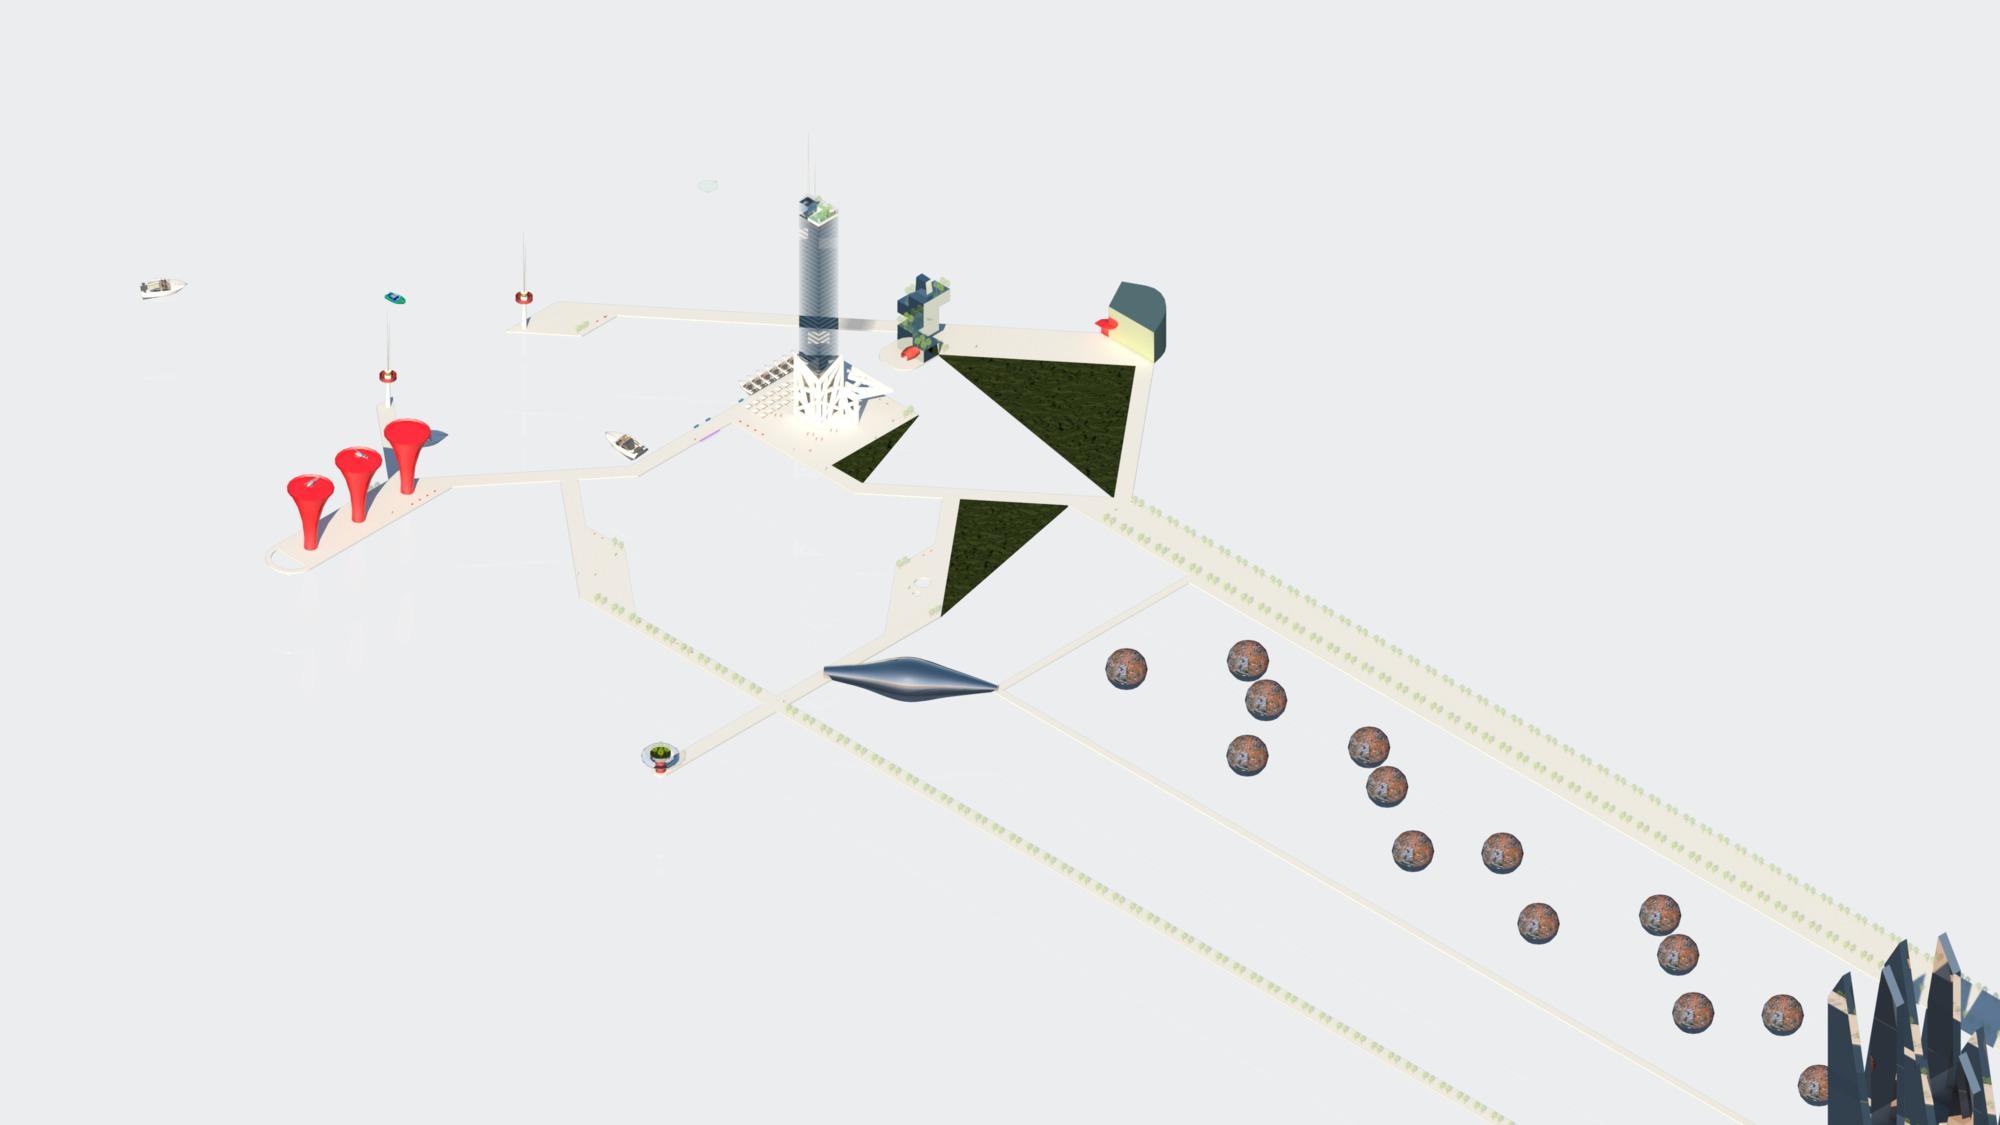 Raas-rendering20150206-18426-1j01hu9